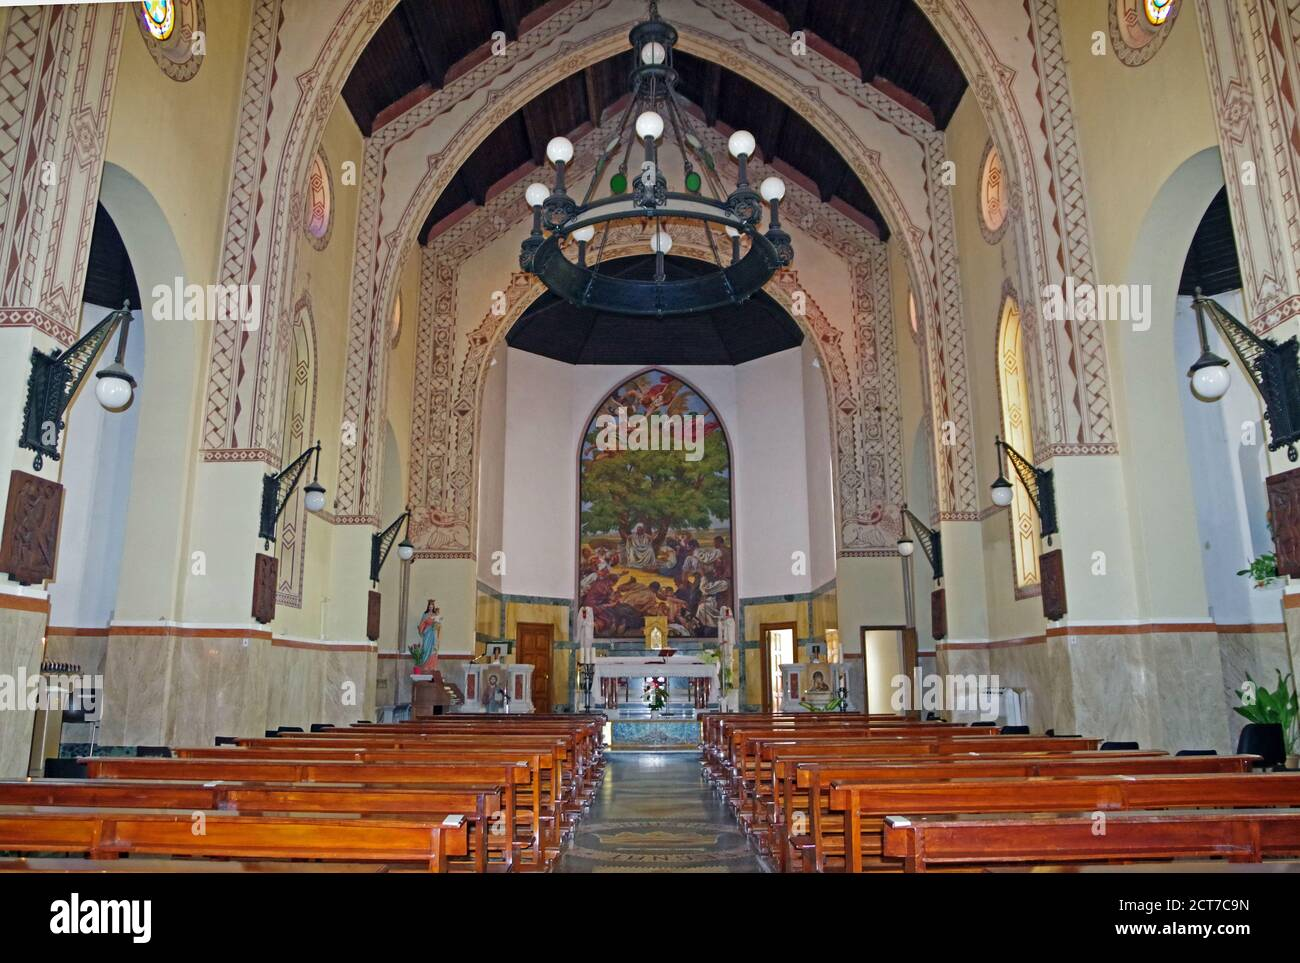 Arborea, Sardaigne, Italie. L'église Sainte Rédeemerr Banque D'Images